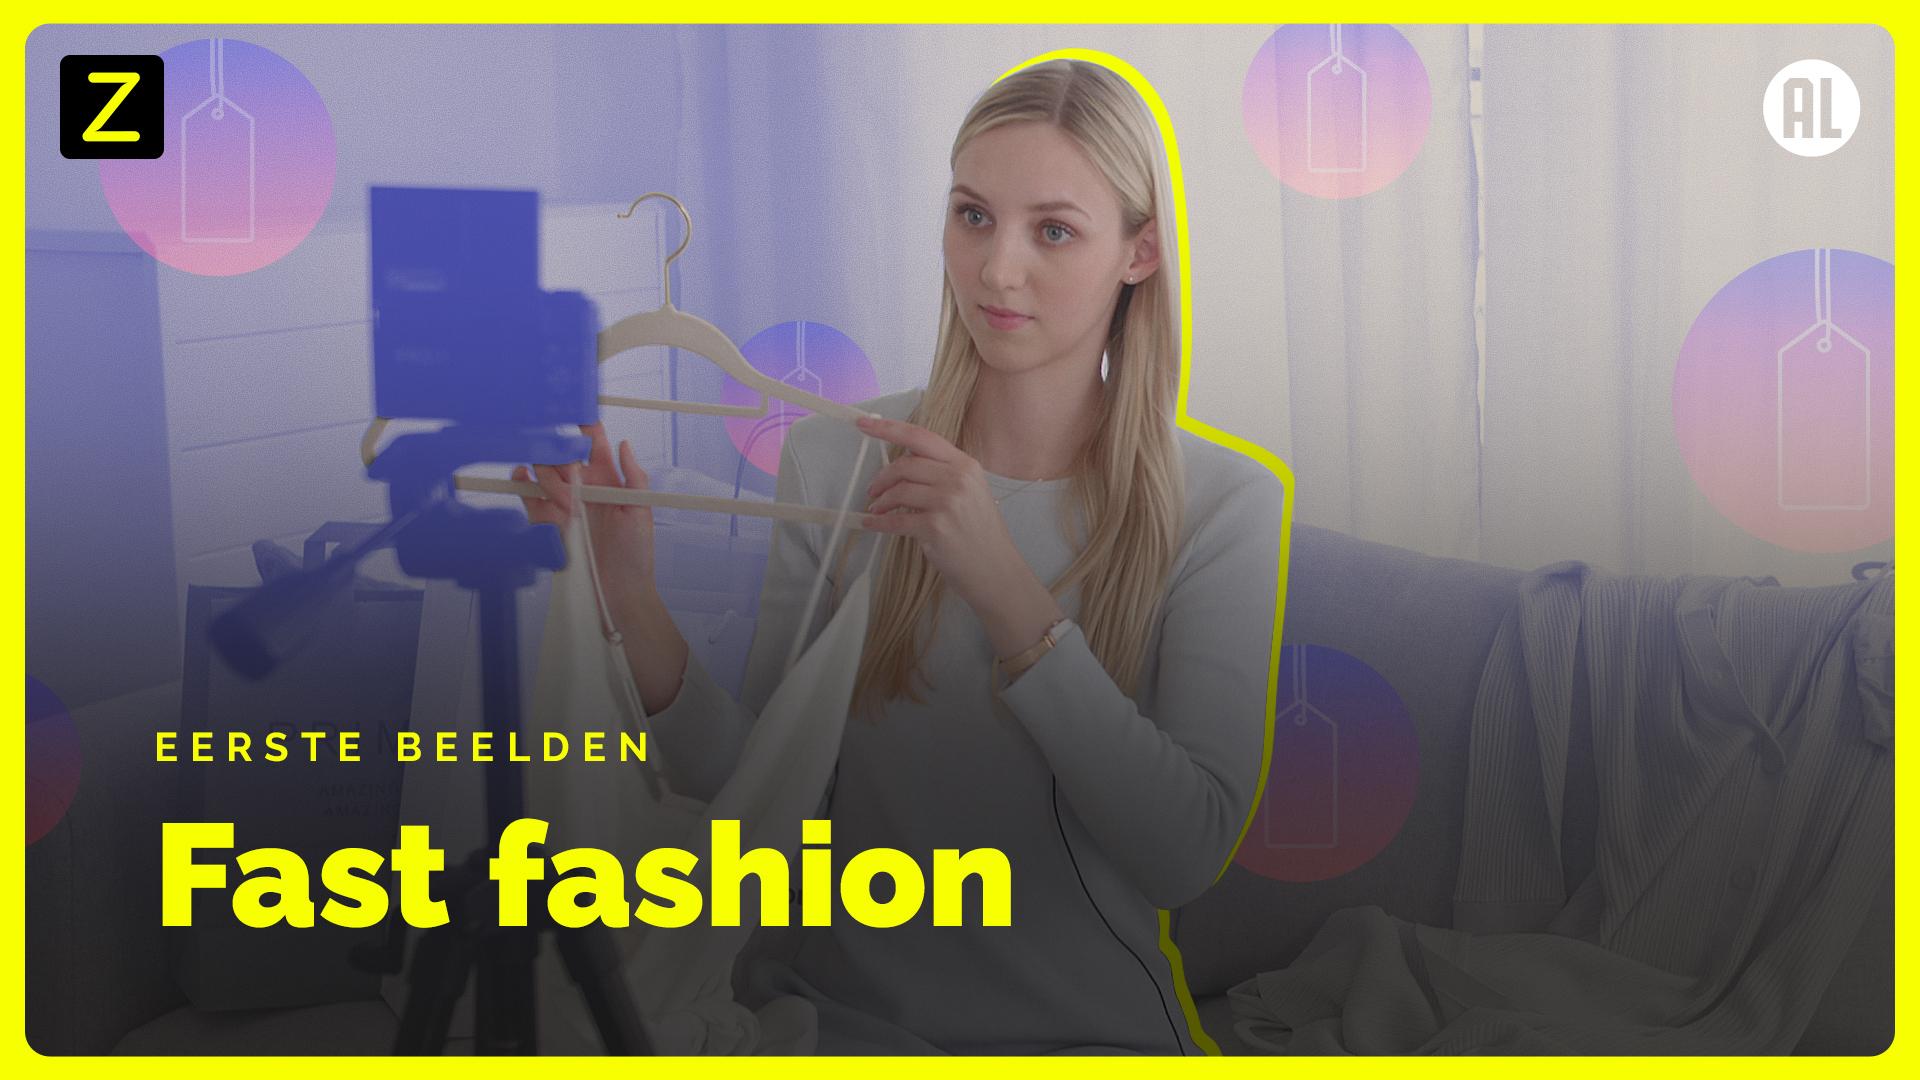 Afbeelding van Eerste beelden uit 'De fast-fashionfuik'